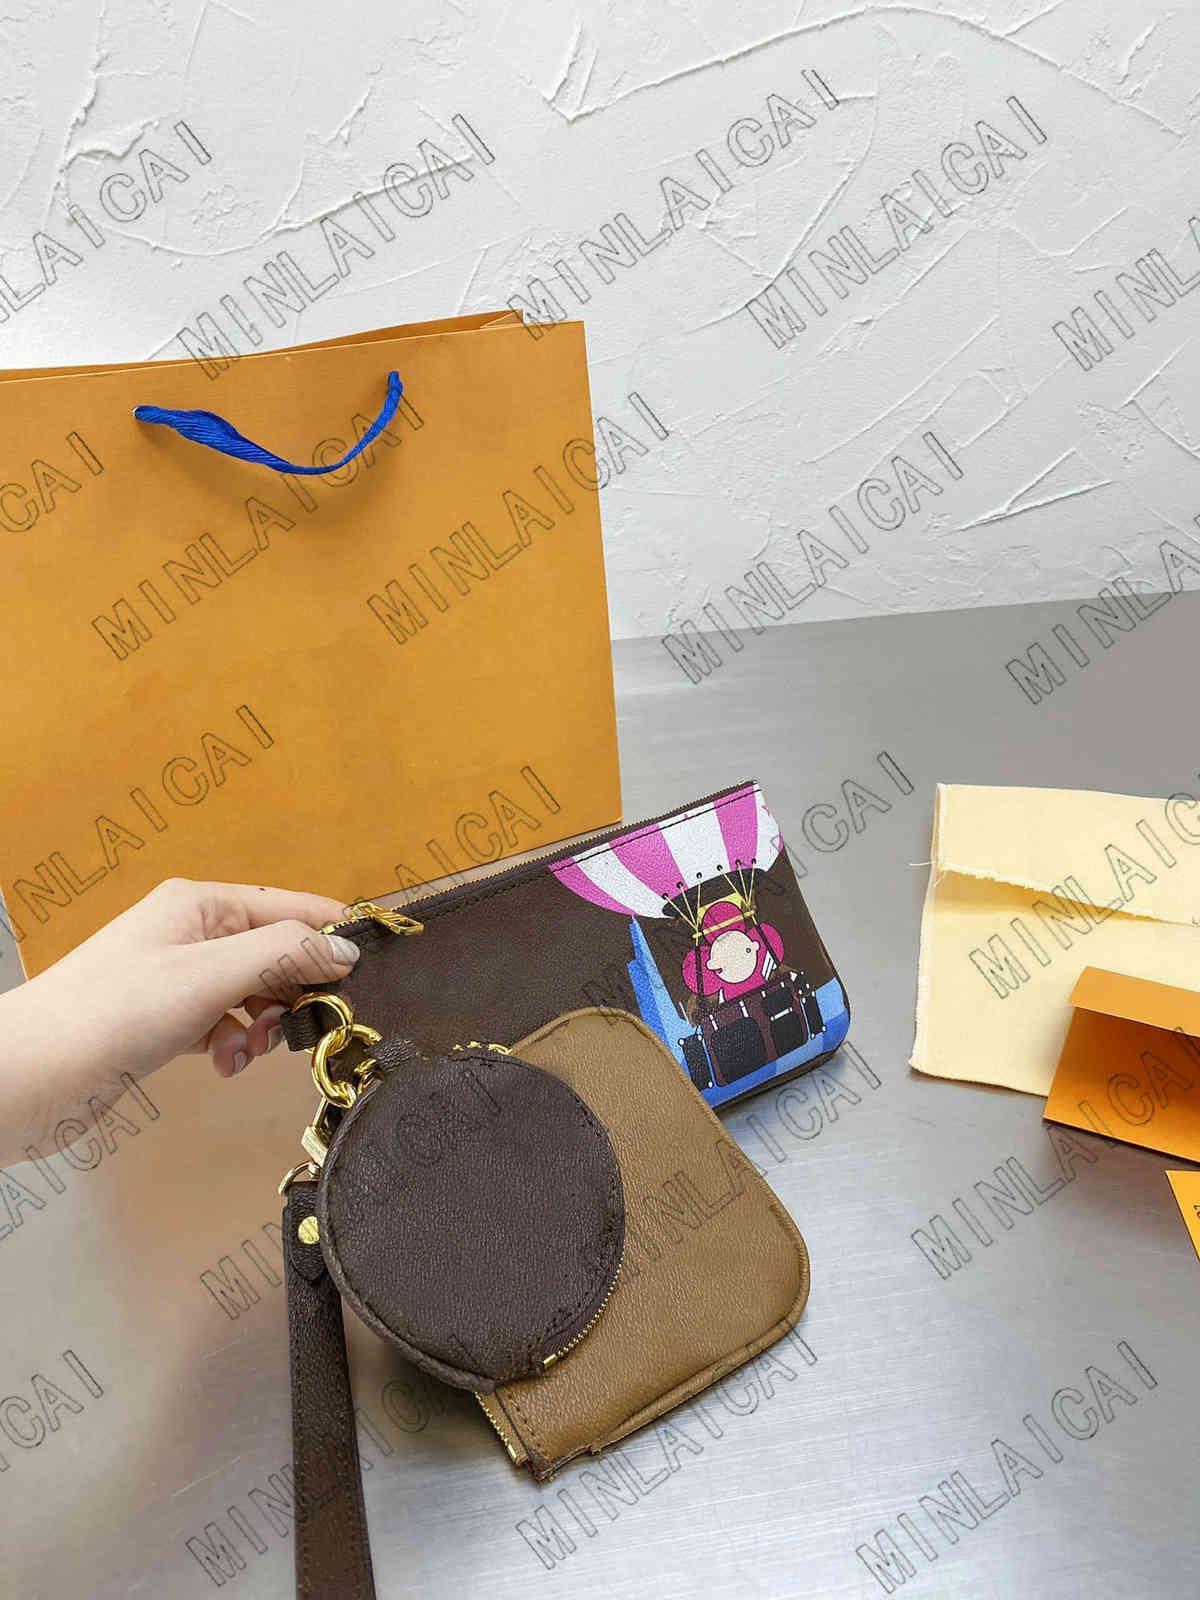 النساء المصممين الفموي أكياس 2021 حقيبة يد crossbody مصمم حقائب zhouzhoubao123 محفظة محفظة M80407 الثلاثي الحقيبة 3 قطع جلد أوجه